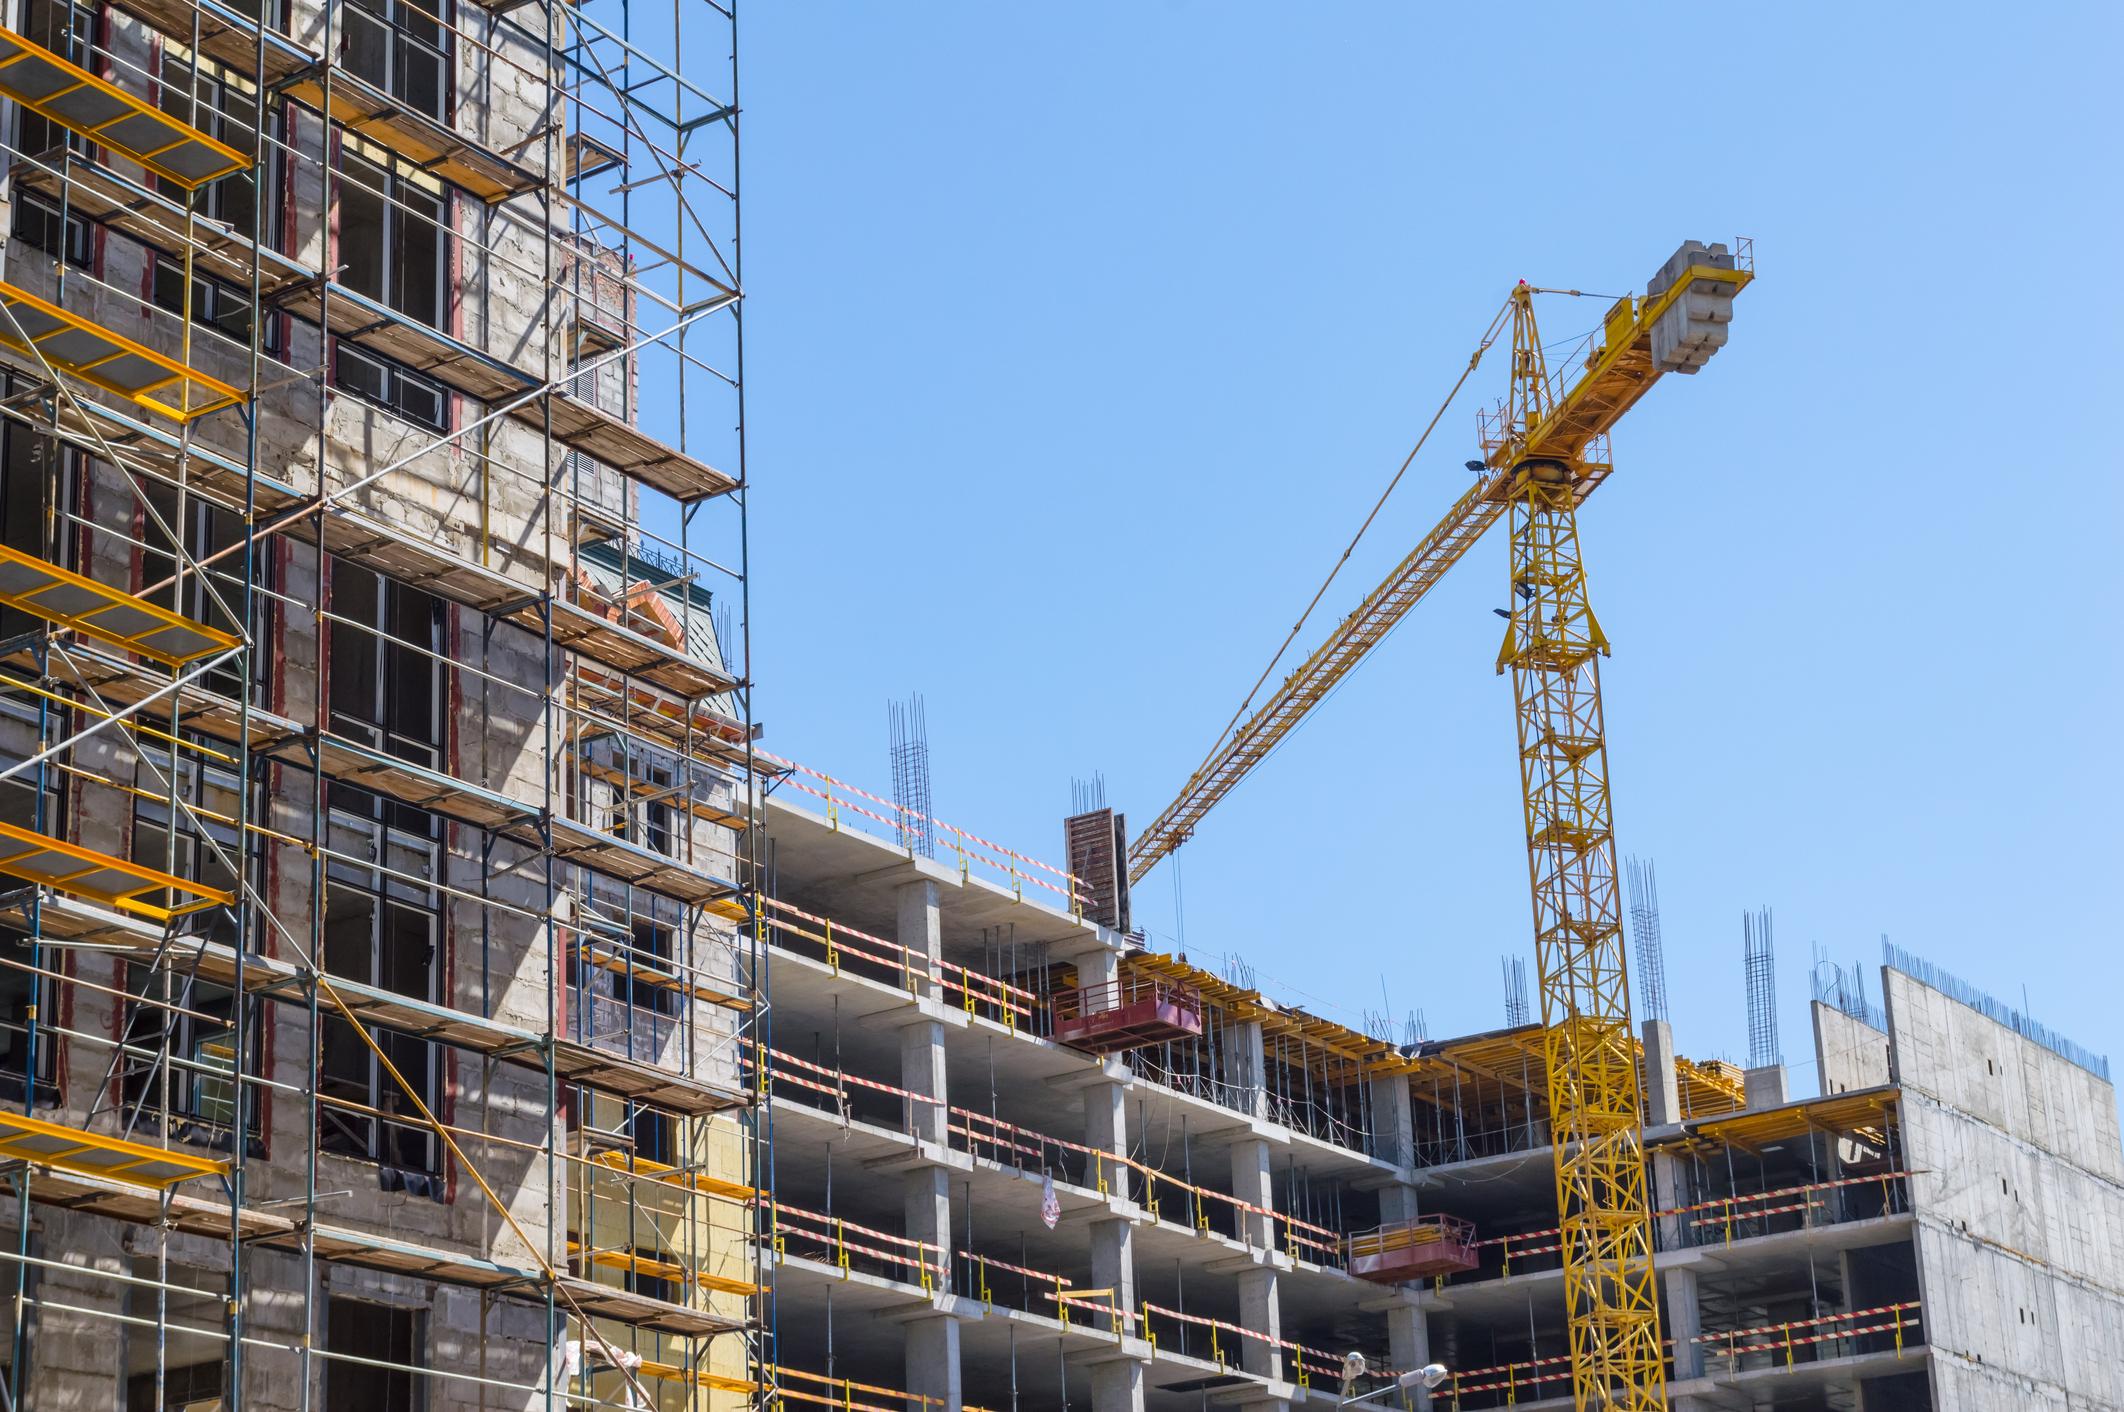 A giant crane building a large commercial building.